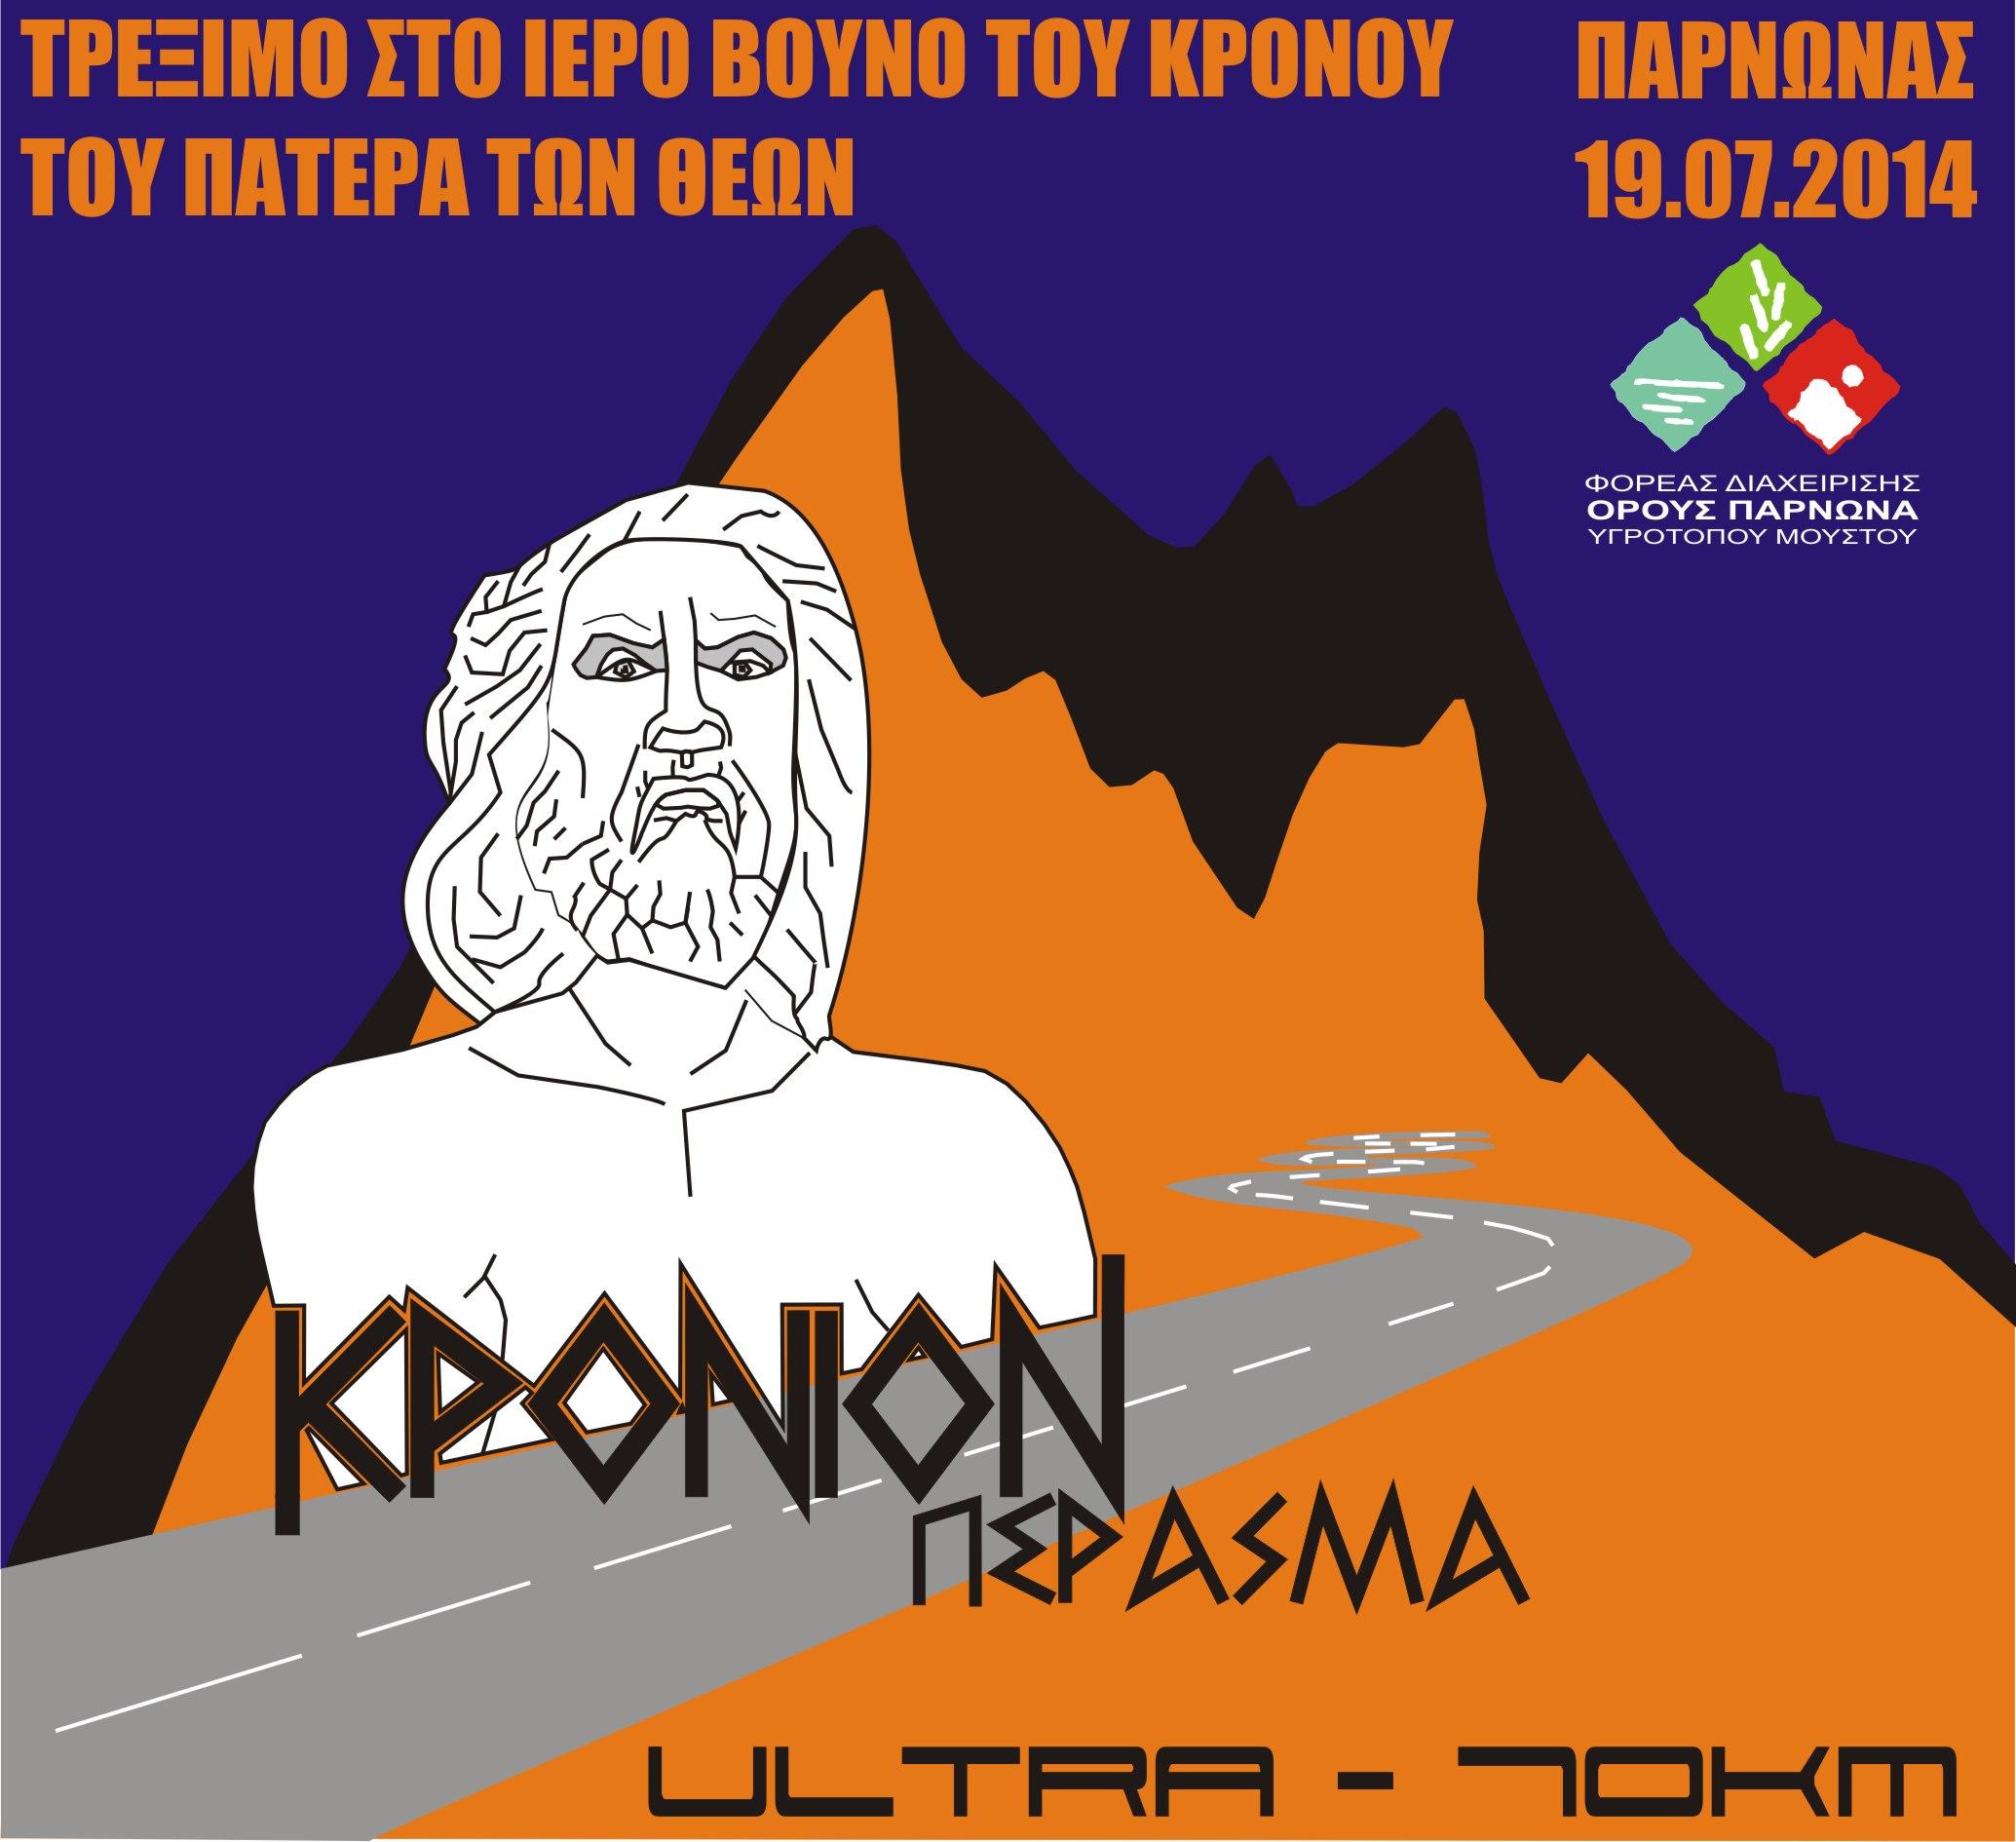 LOGO_Kronio_perasma.jpg